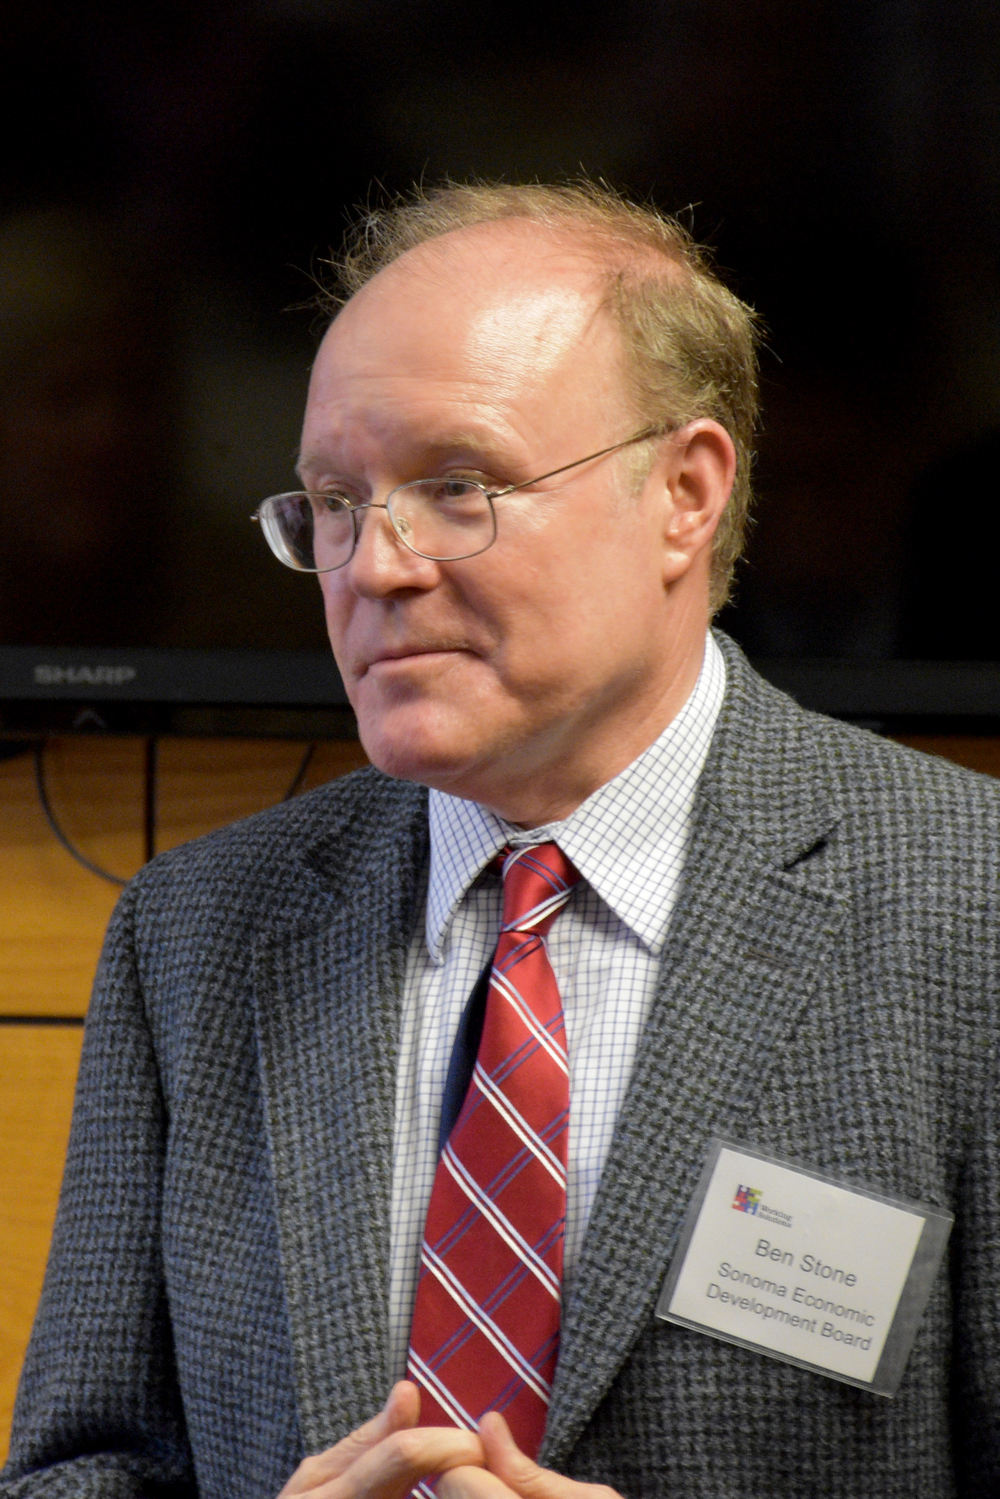 Sonoma County Economic Development Board Executive Director Ben Stone